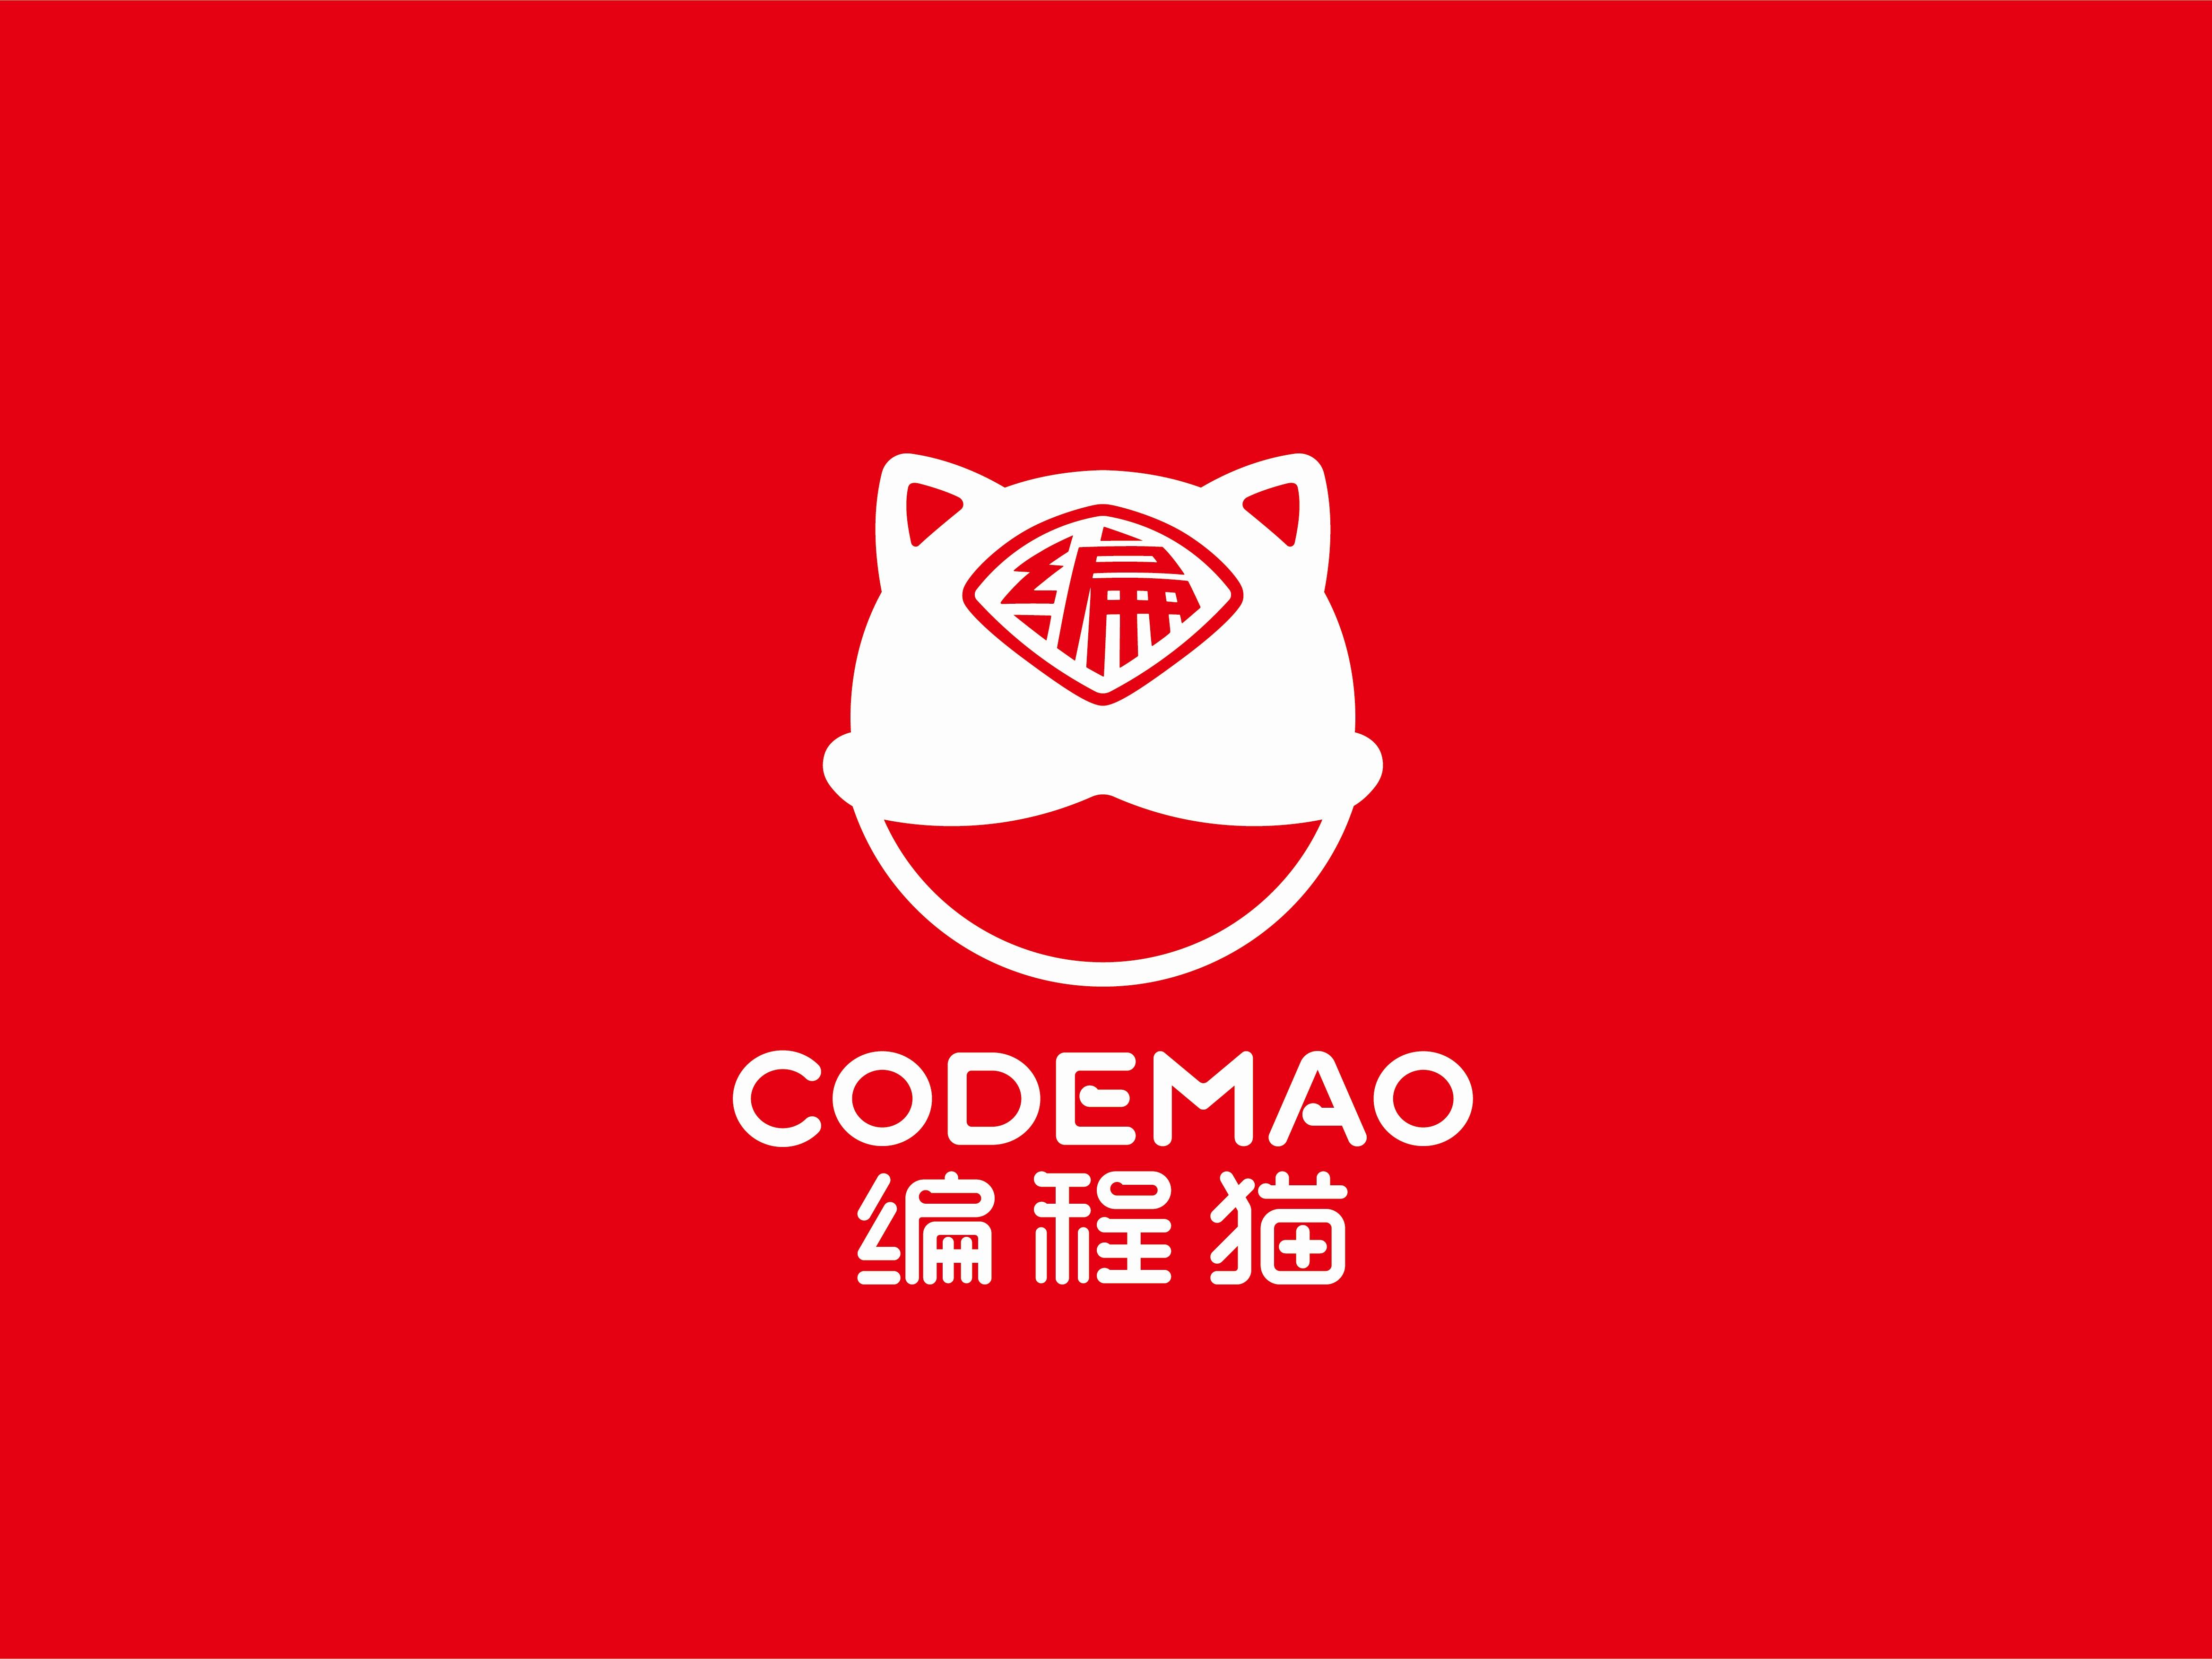 Codemao